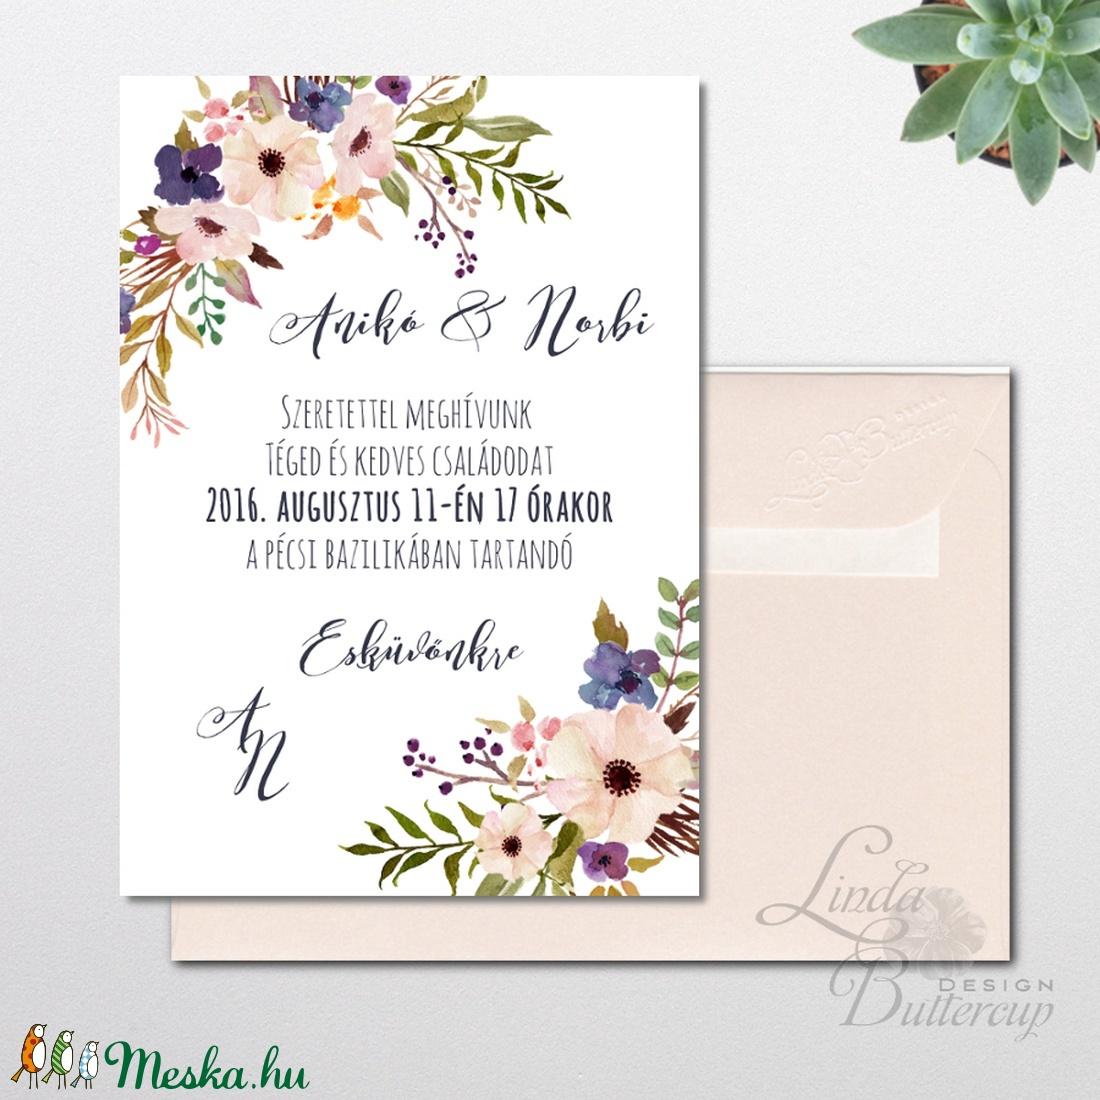 Nyári Esküvői meghívó, Nyári Esküvő, Tenger kék meghívó, Barack virágok, nyári virágos meghívó, Modern - esküvő - meghívó & kártya - meghívó - Meska.hu